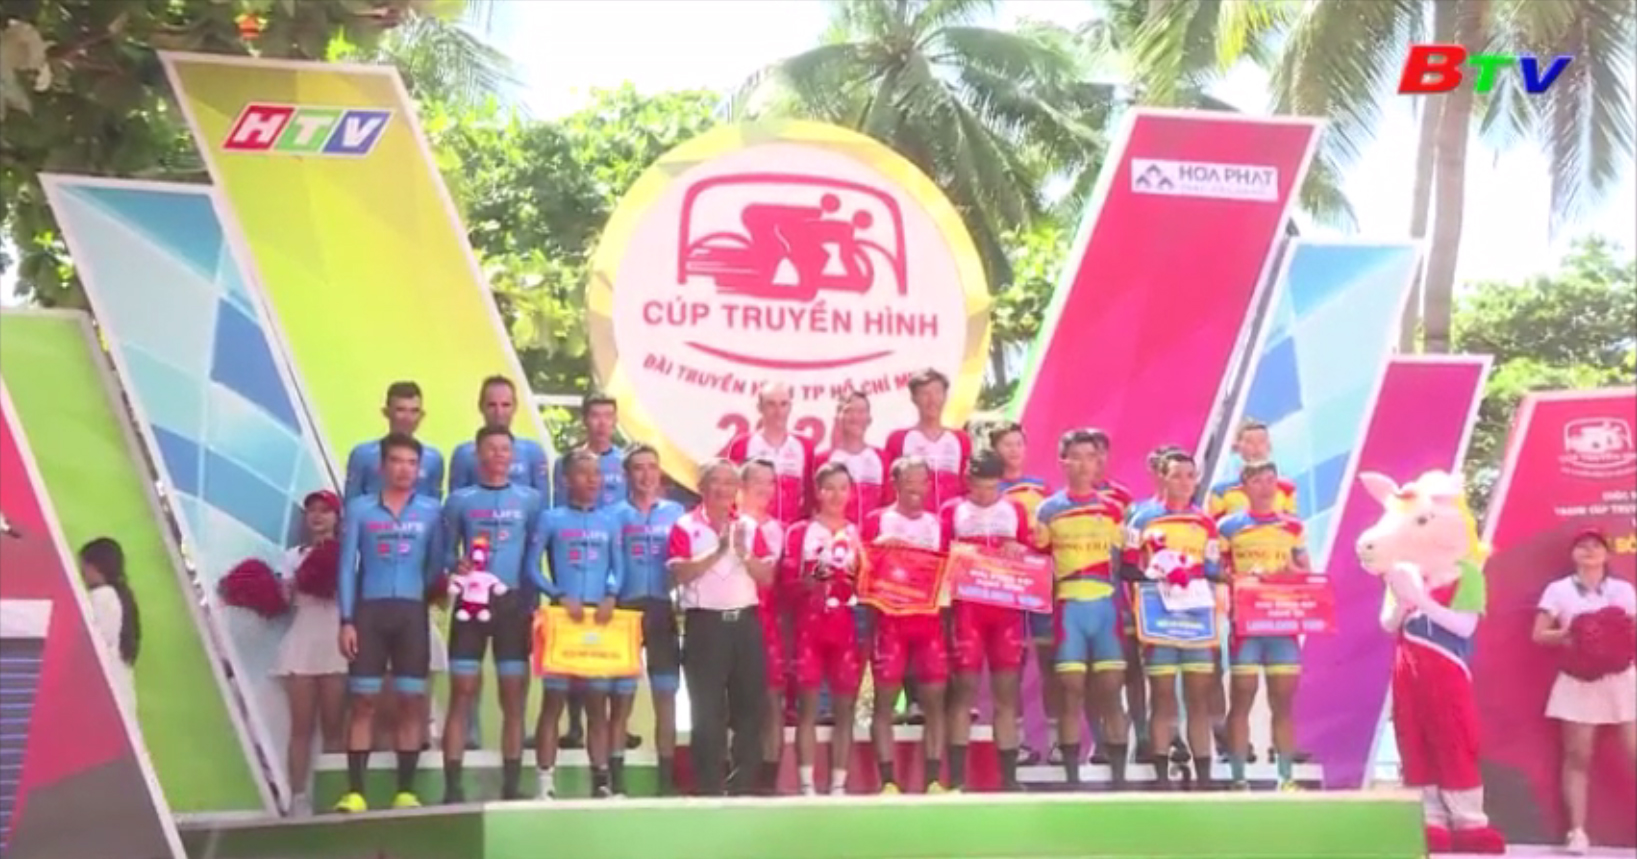 Kết quả chặng 13 Cuộc đua xe đạp Cúp Truyền hình TP.HCM 2020